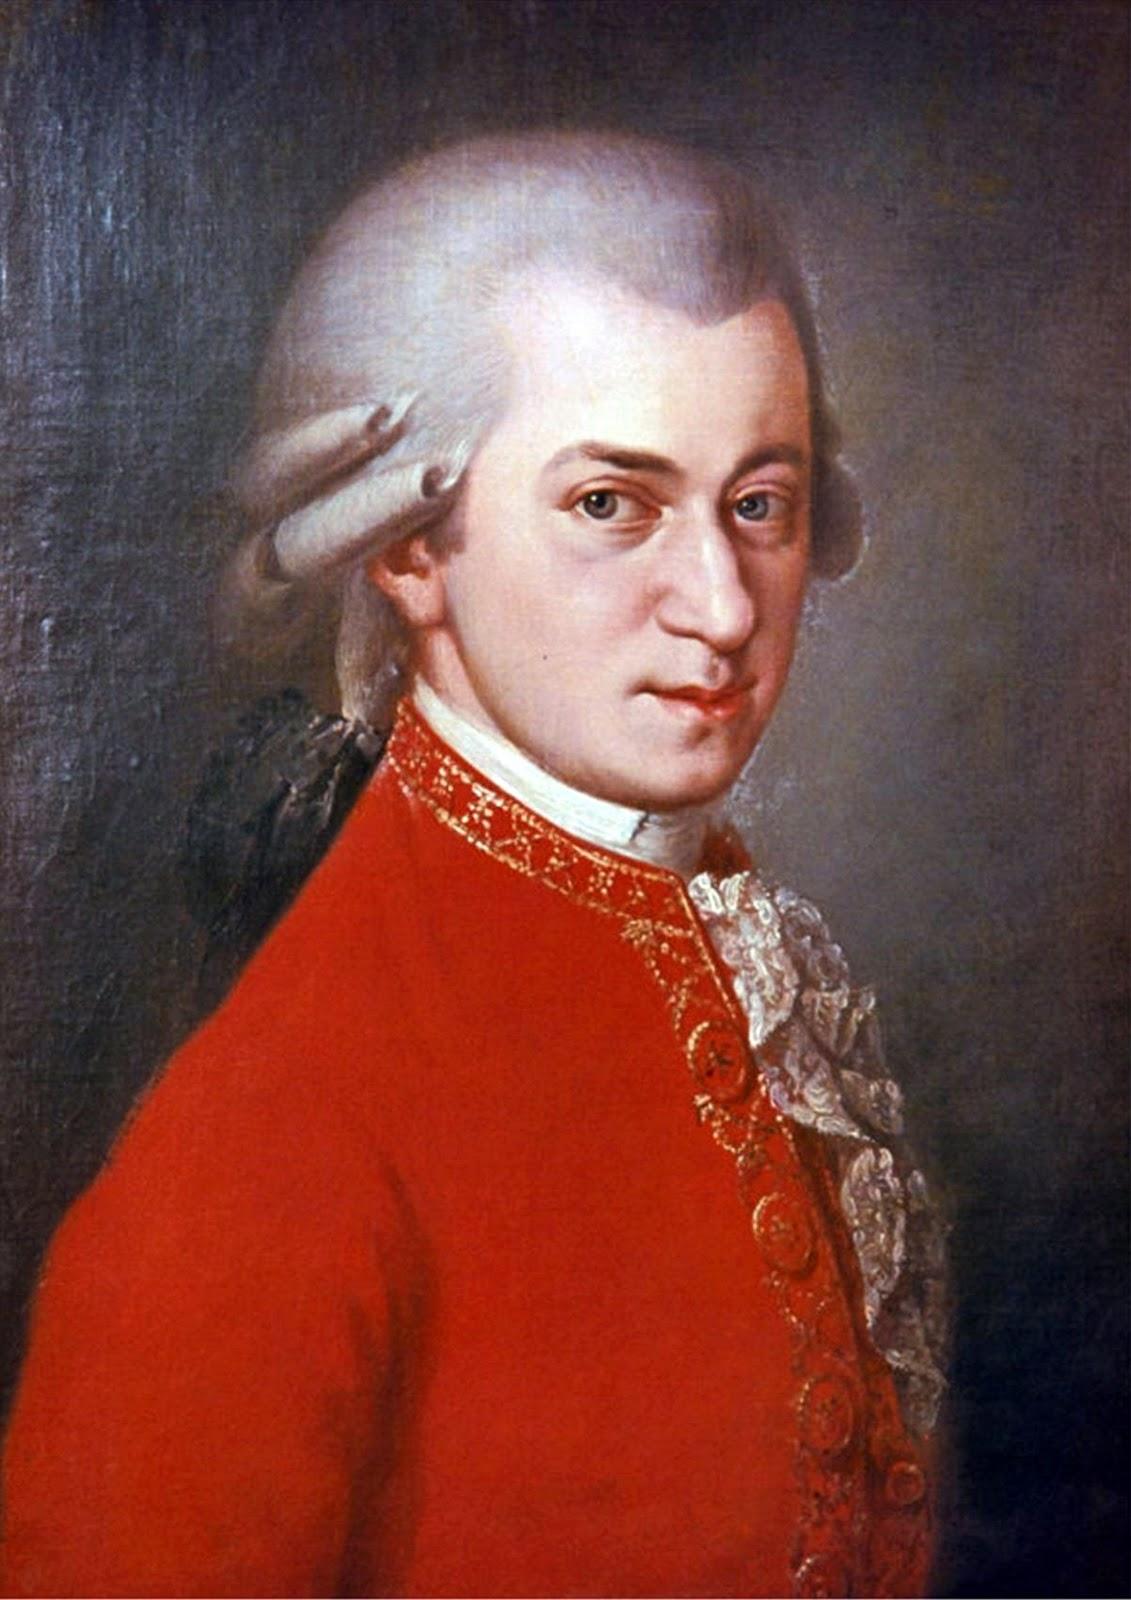 Cisnes y Rosas: Wolfgang Amadeus Mozart, el Hombre Música